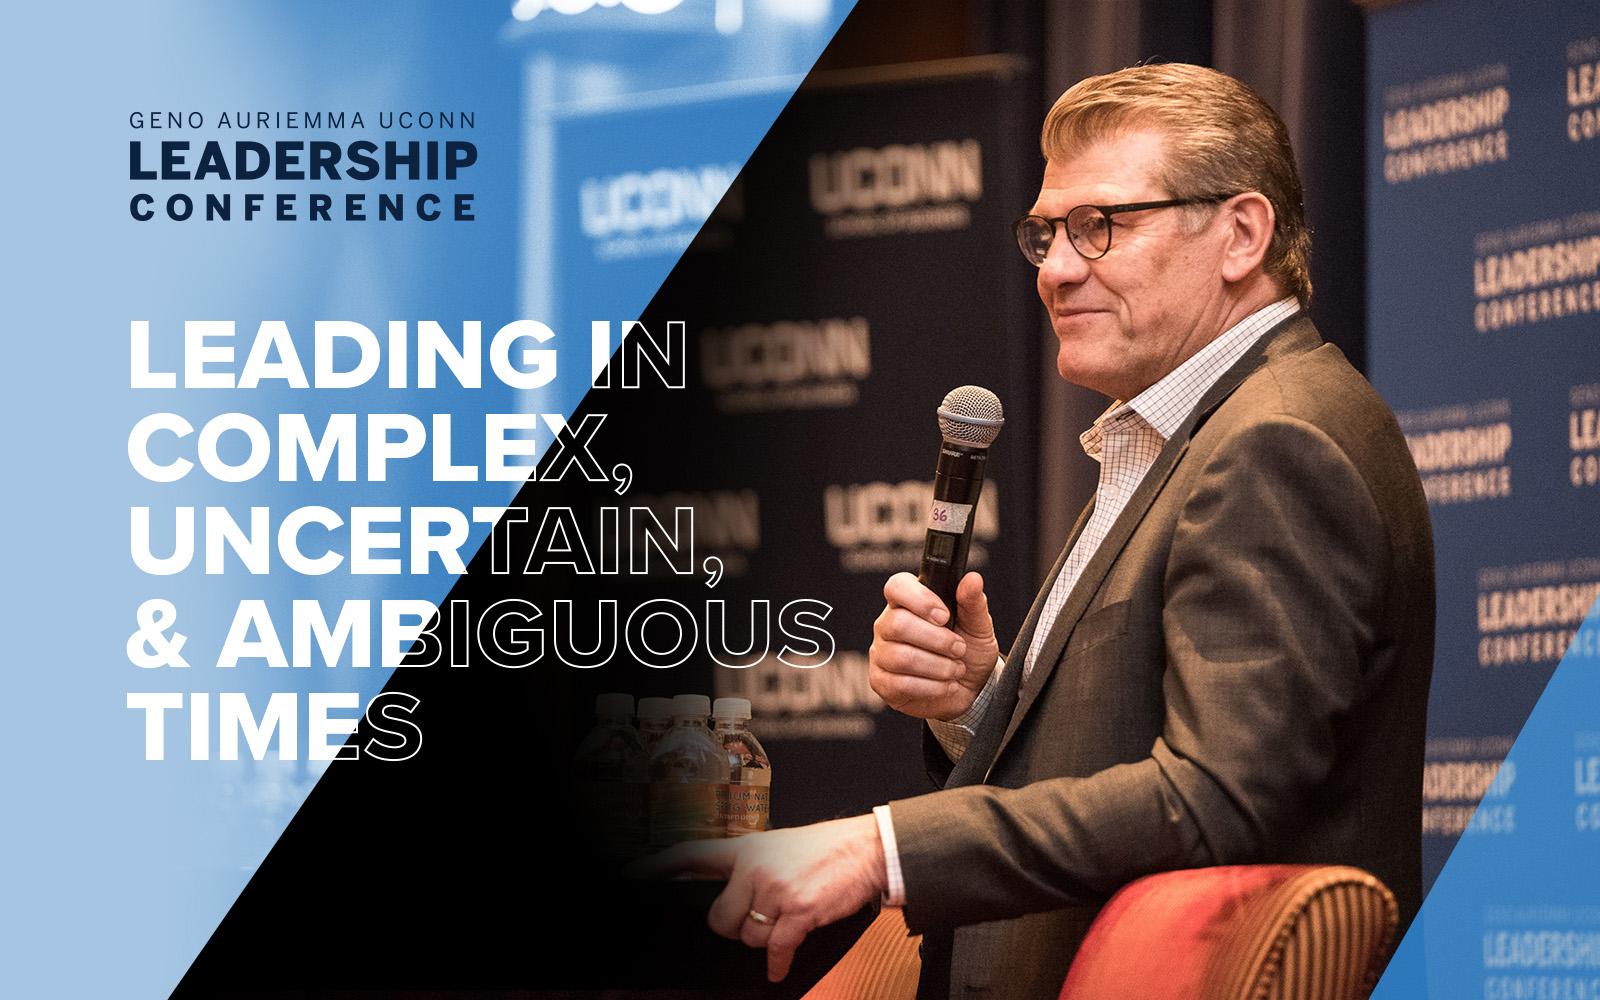 2019 Geno Auriemma Leadership Conference